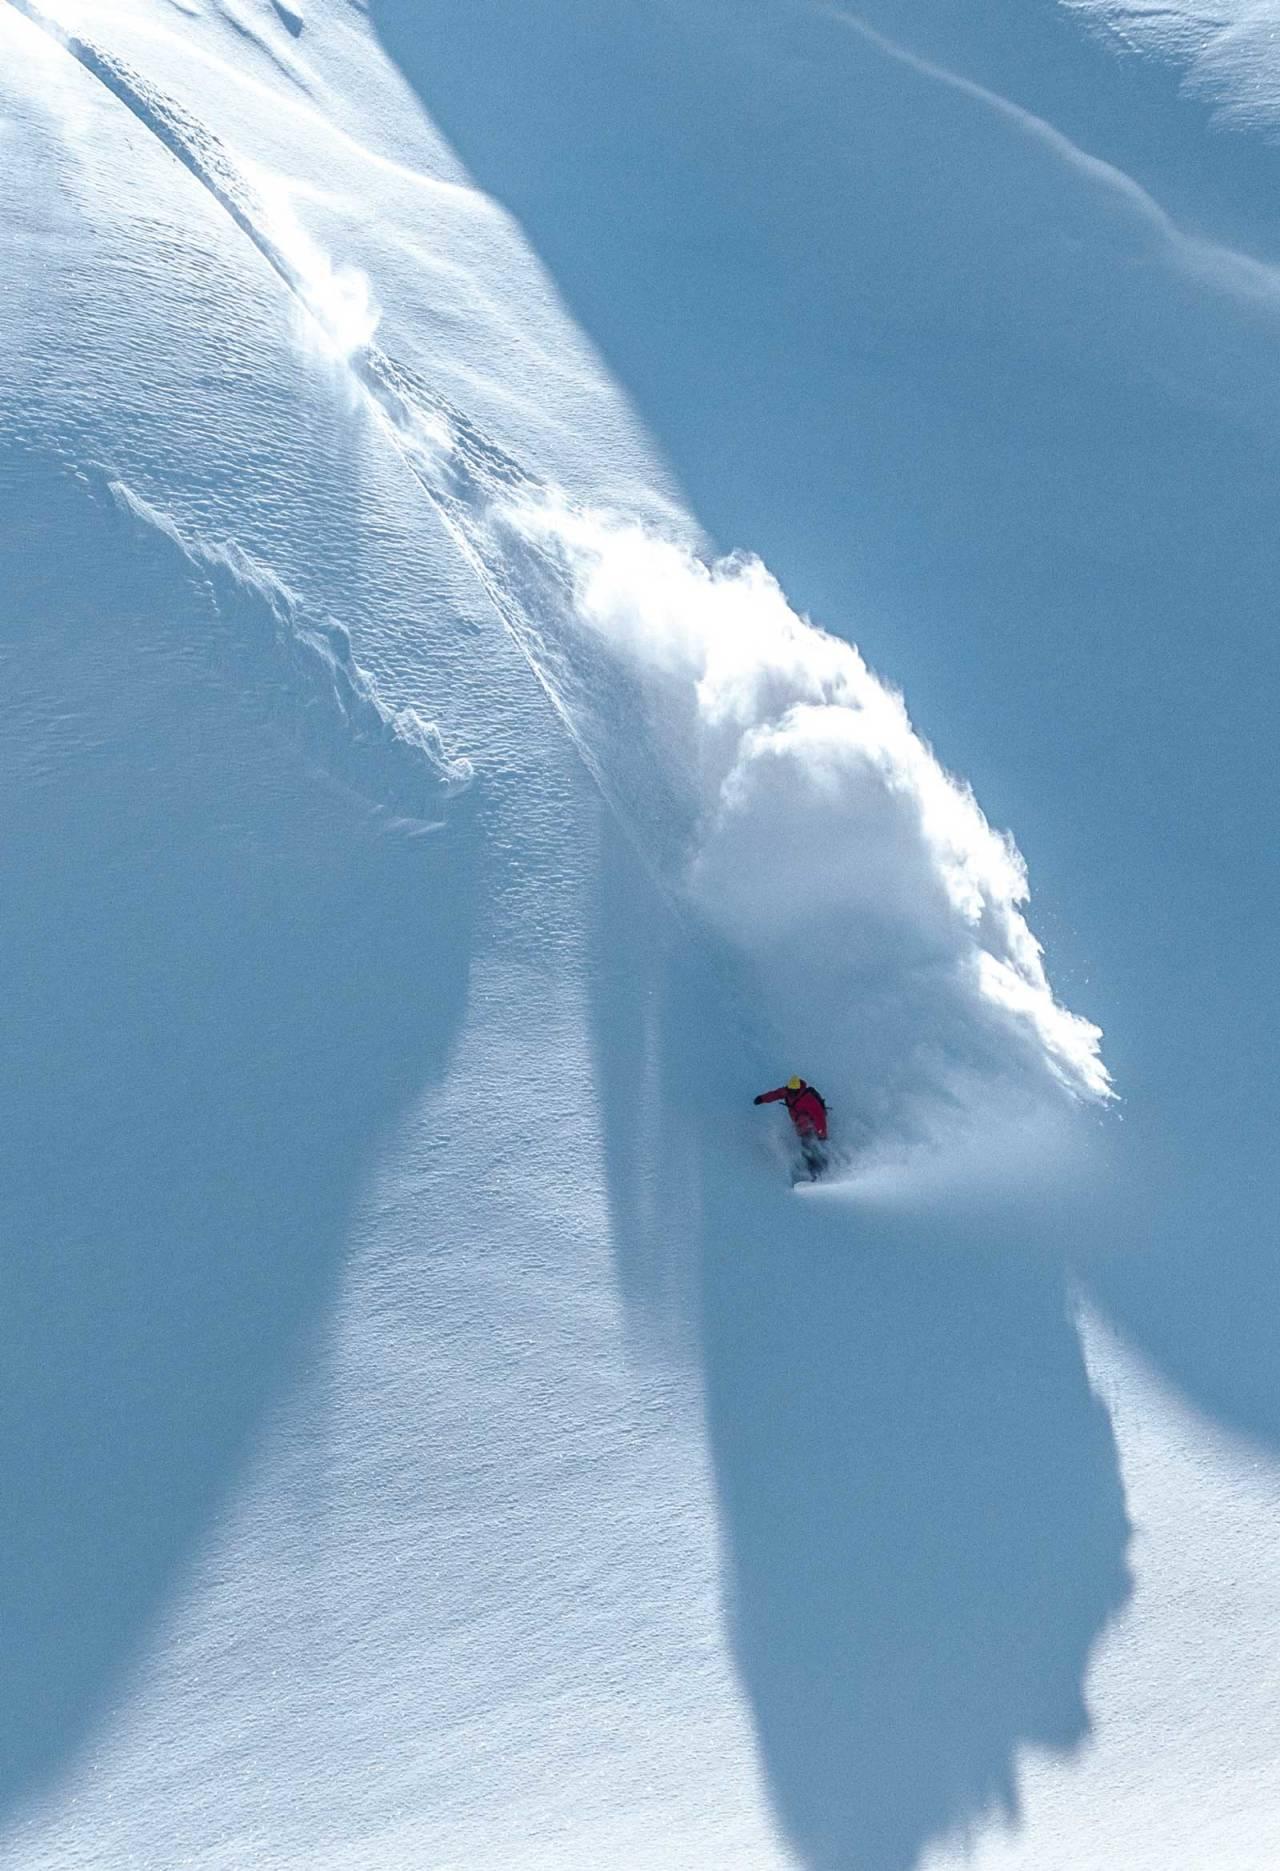 Riksgränsen-local Björn Lindgren er en av områdets flinkeste til å finne den dypeste snøen. Foto: Markus Alatalo / Toppturer rundt Narvik.